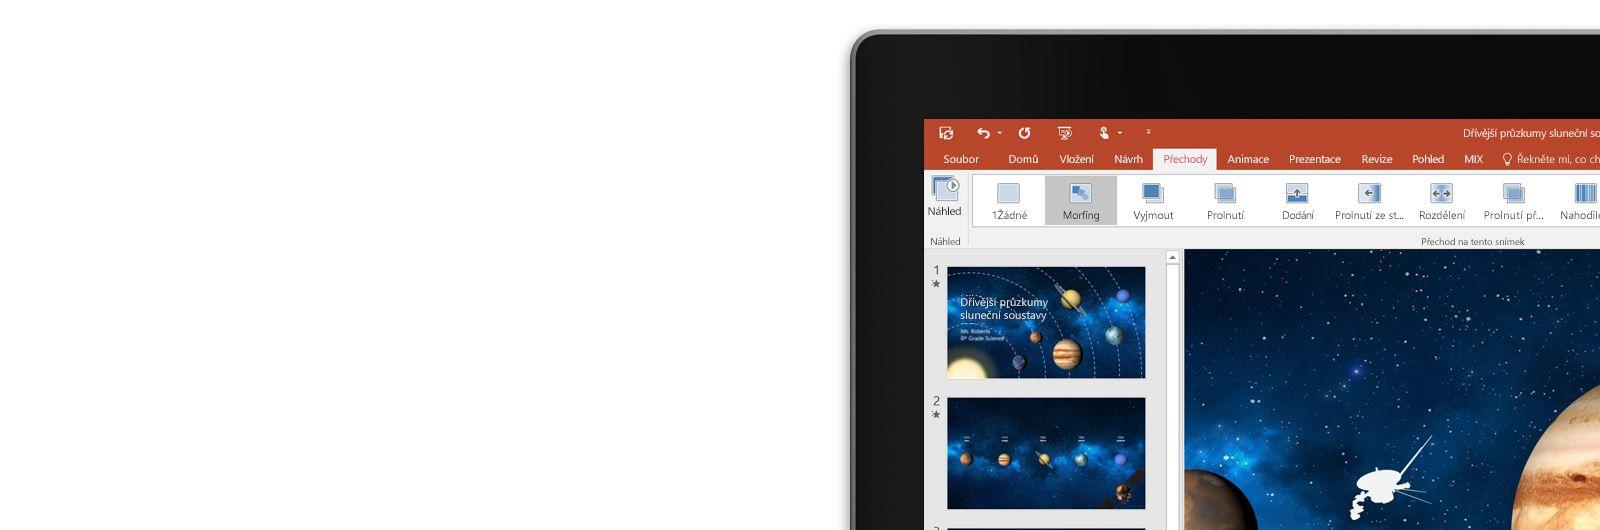 Tablet s funkcí Morfing ve snímku powerpointové prezentace